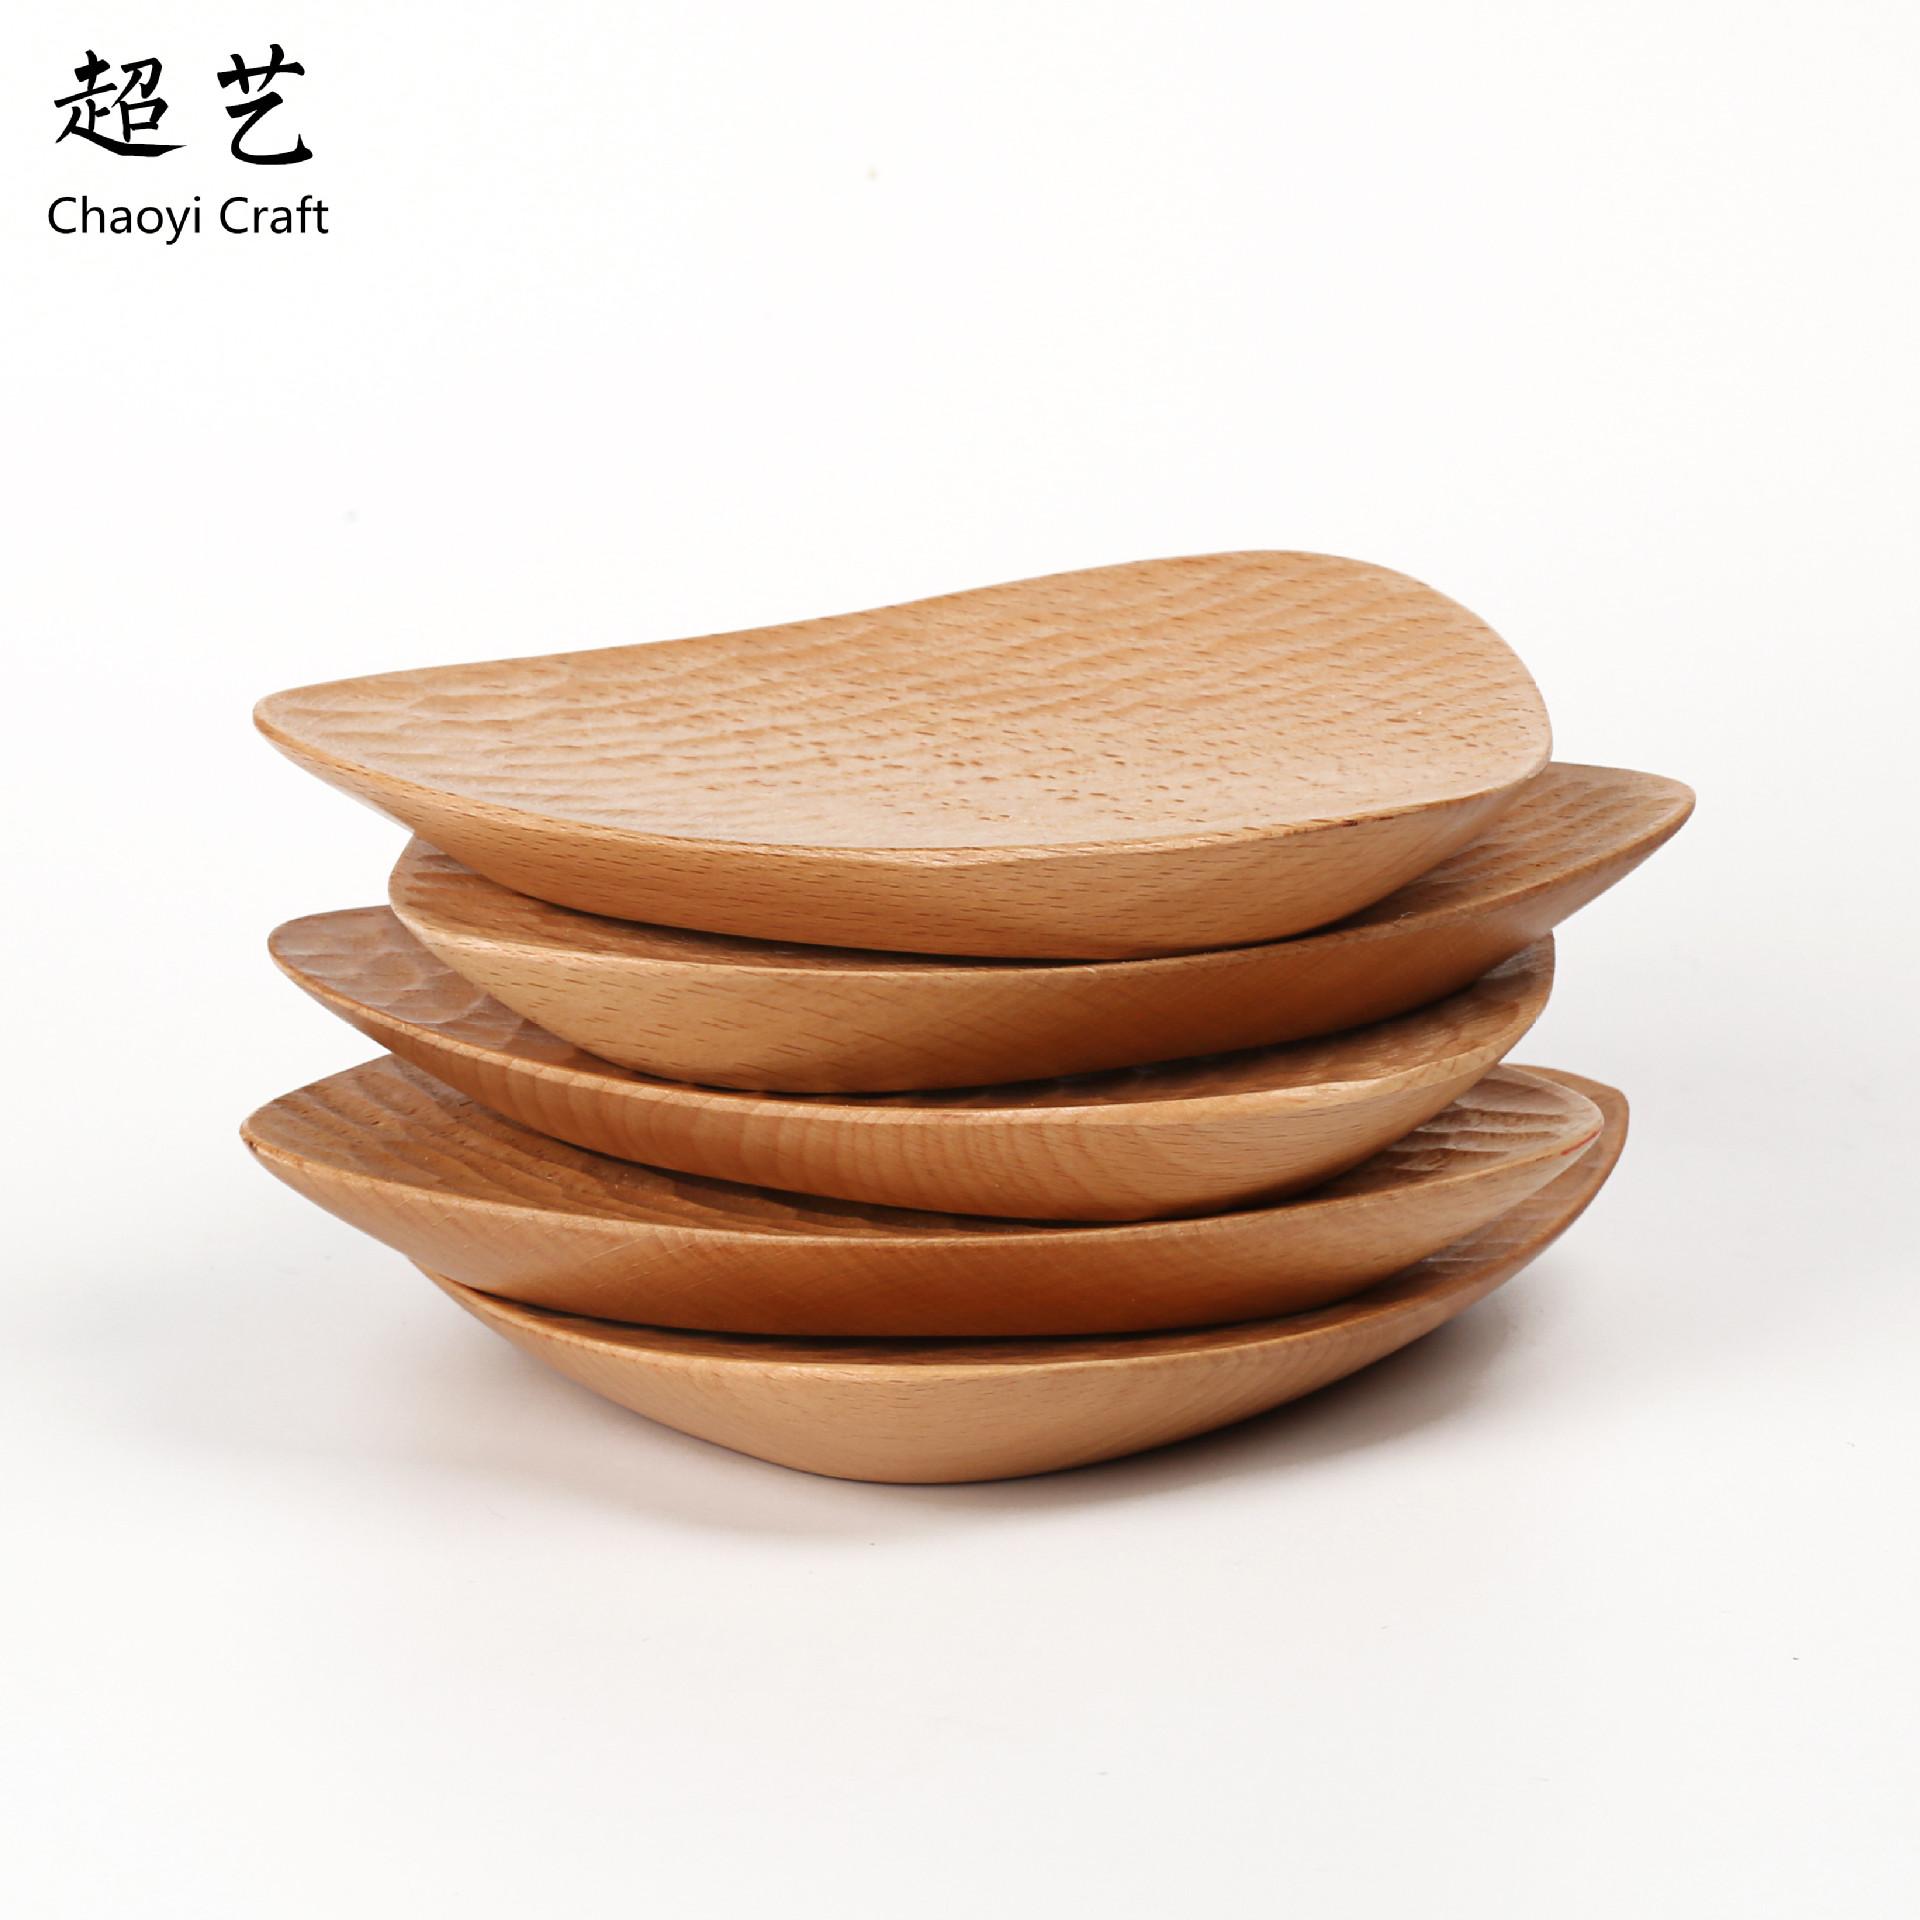 超艺外贸原单 手工雕刻龟甲榉木碟 三角点心碟子 木质餐具